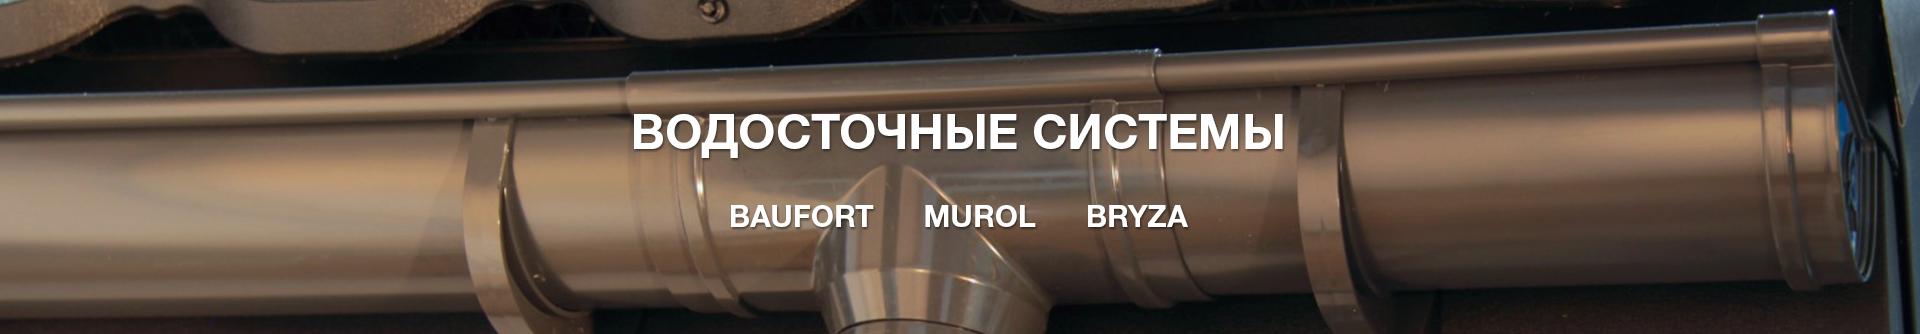 Купить водосточные системы в Симферополе - цены от ПНК